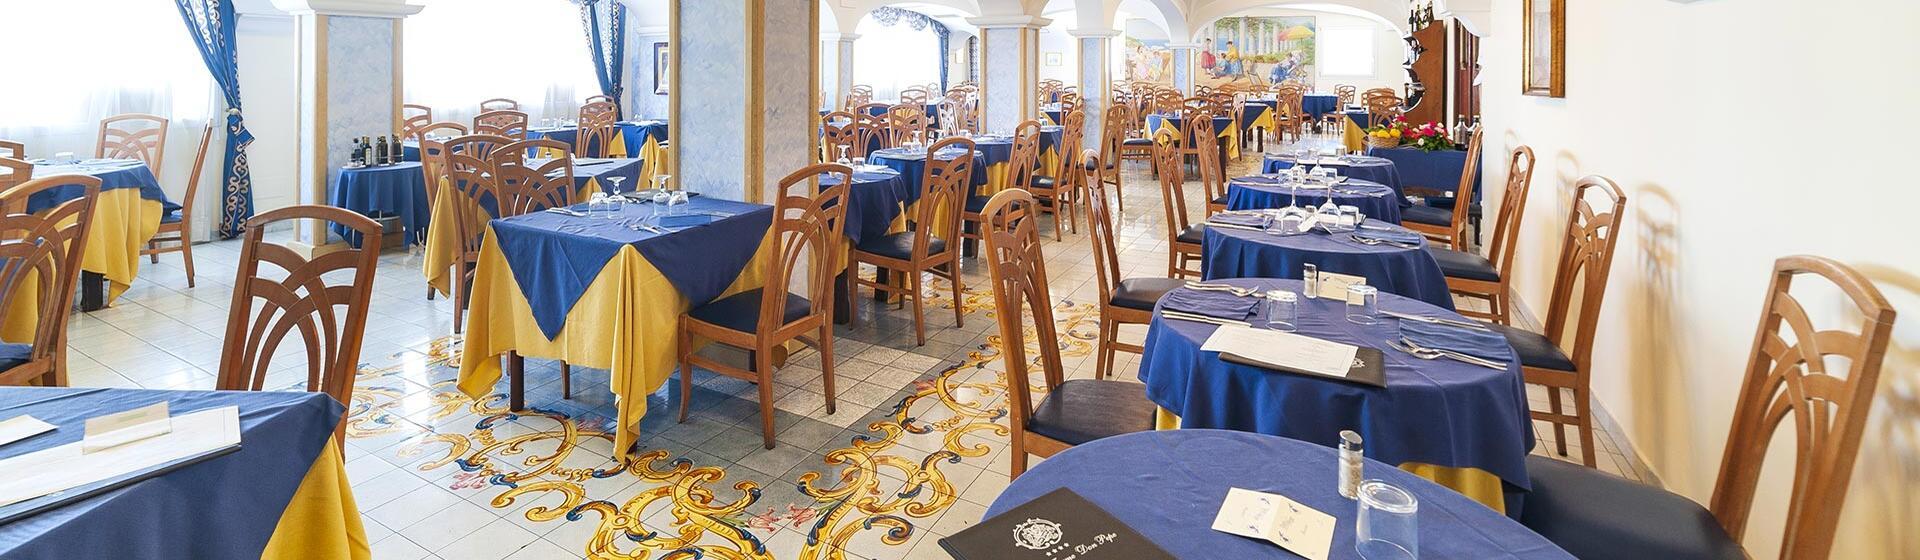 hoteldonpepe fr restaurant 005